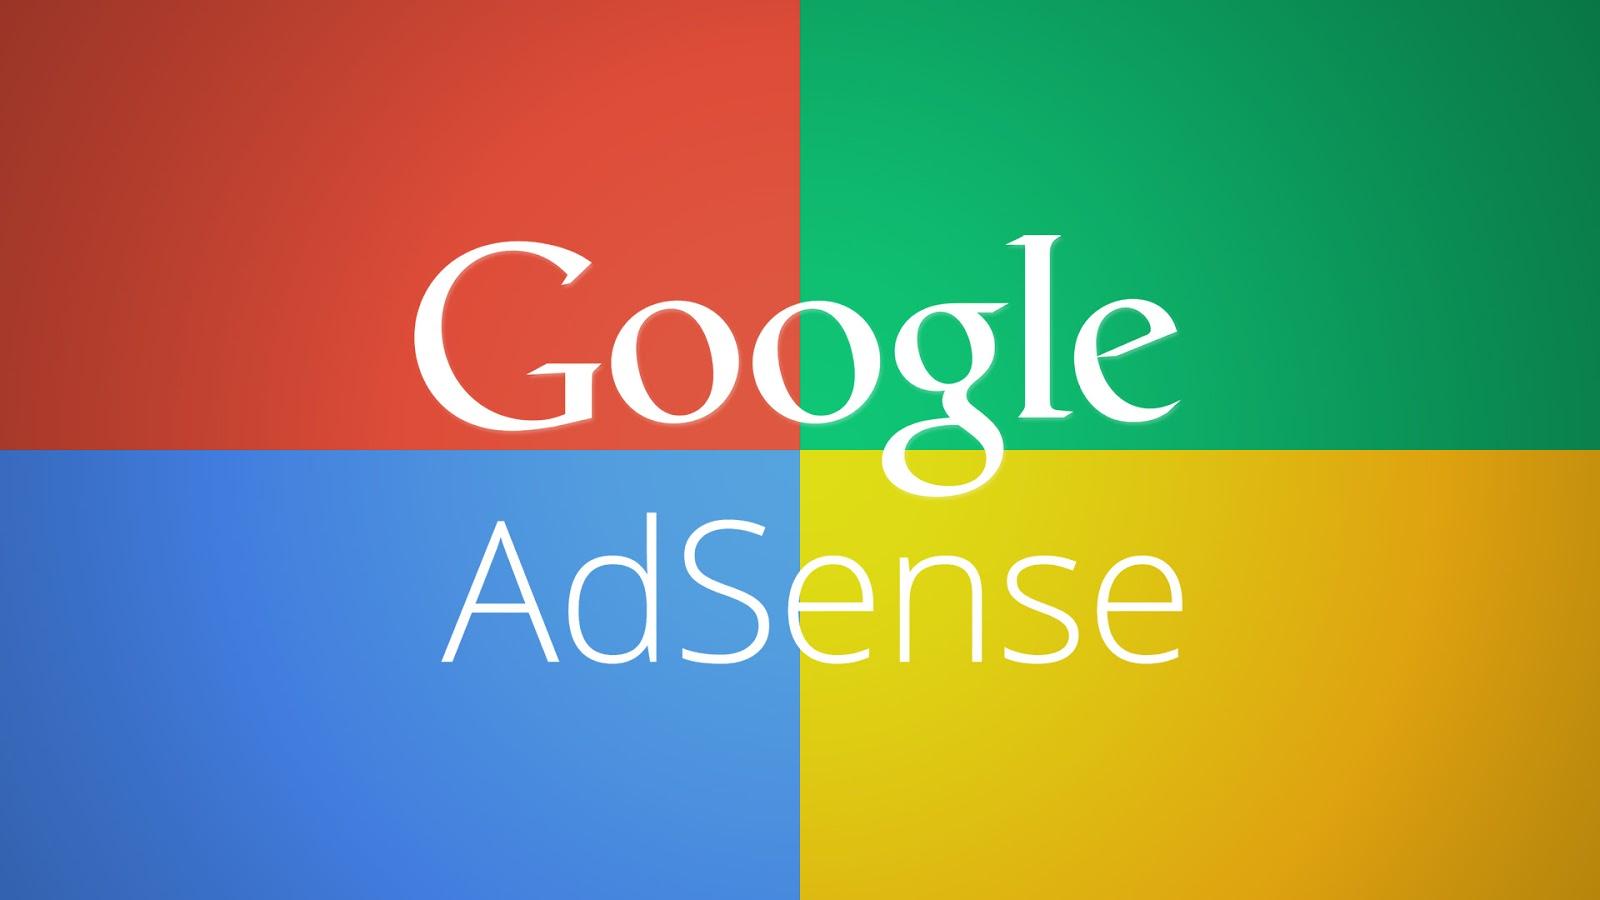 امنع هذه الاعلانات من جوجل ادسنس لمضاعفة ارباح موقعك